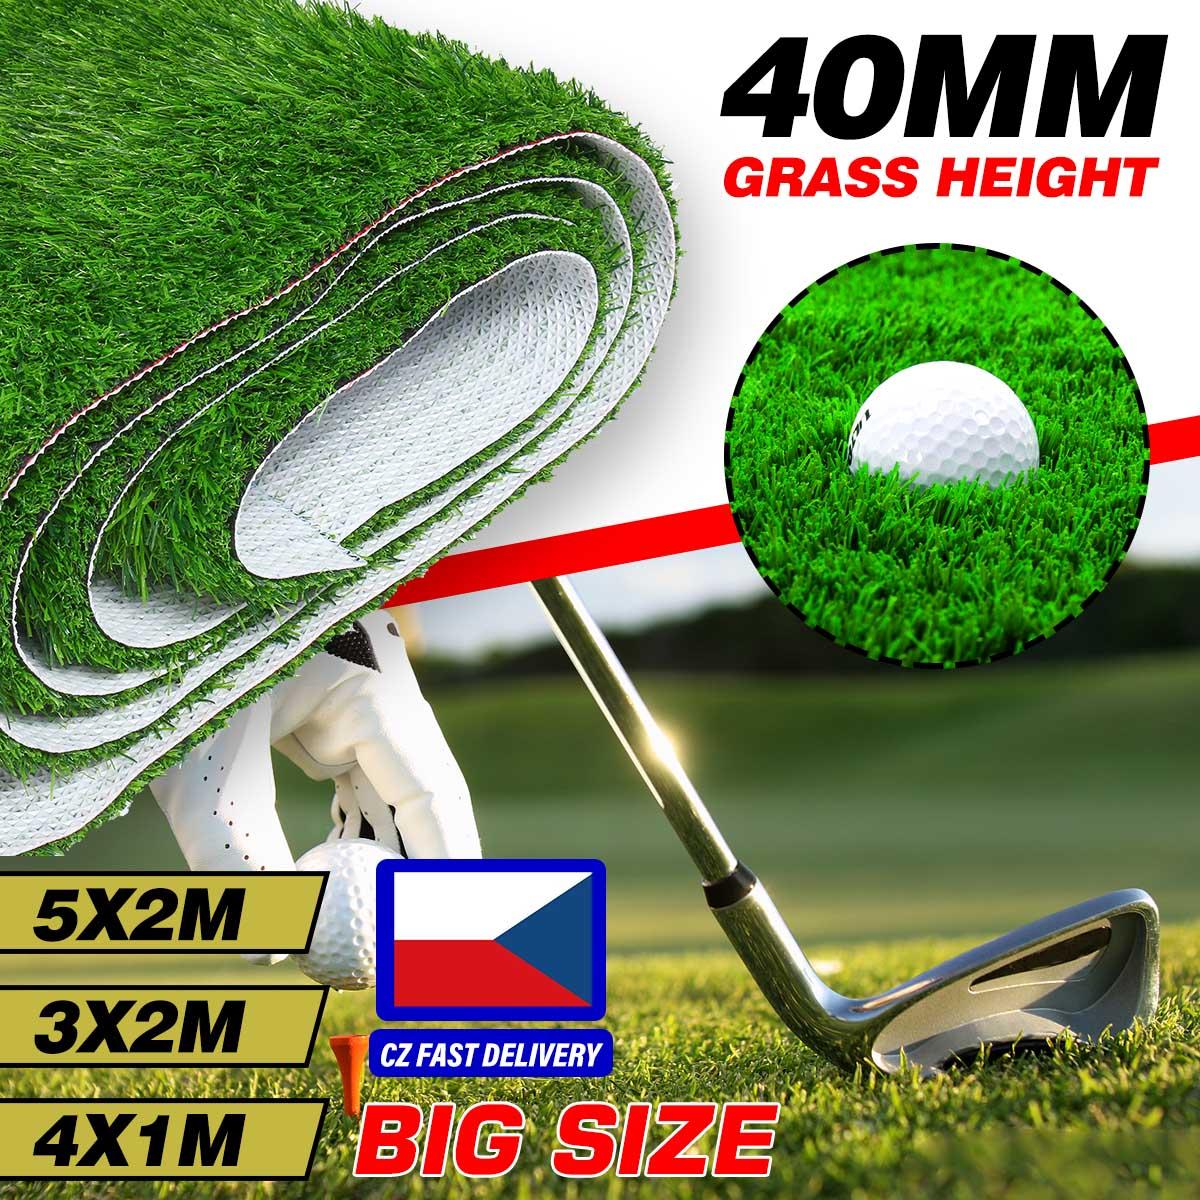 5x2M 4x1M 3x2M Große Größe Künstliche Rasen Verschlüsselung Super Dicke Weiche kunstrasen Rasen Gefälschte Gras Indoor Outdoor Grün Dekor